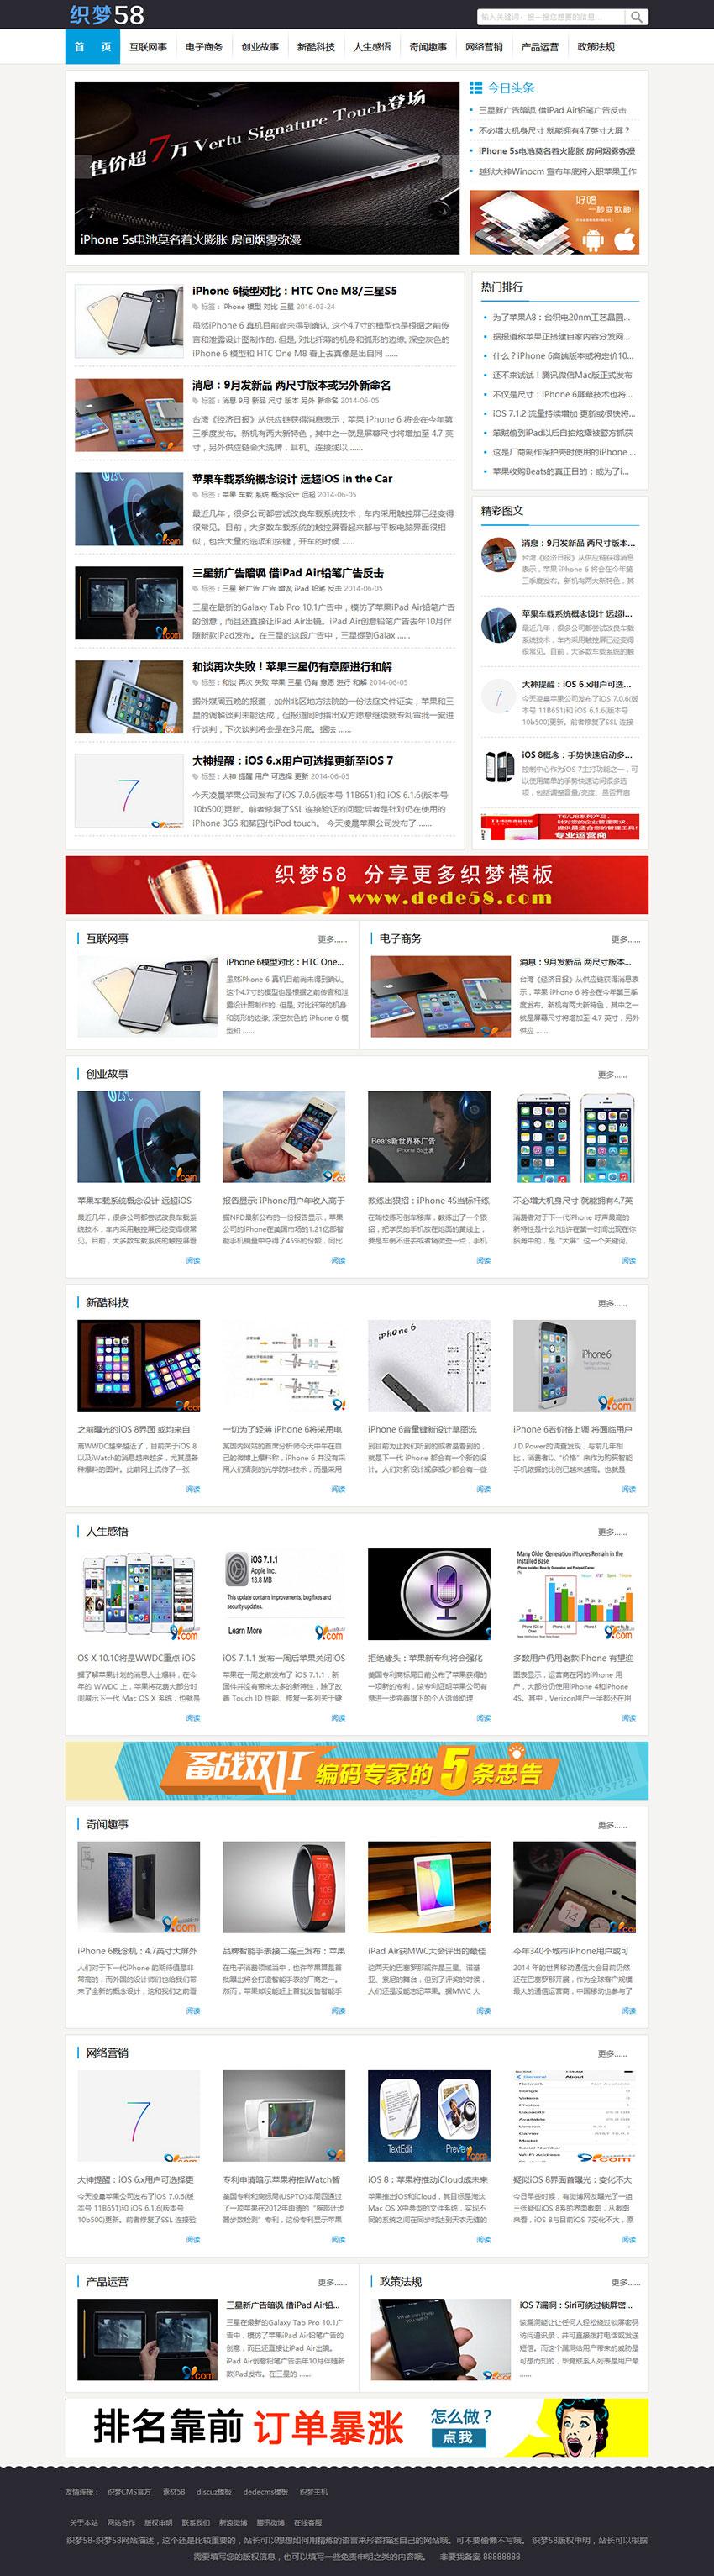 织梦dedecms大气简约资讯文章类网站模板